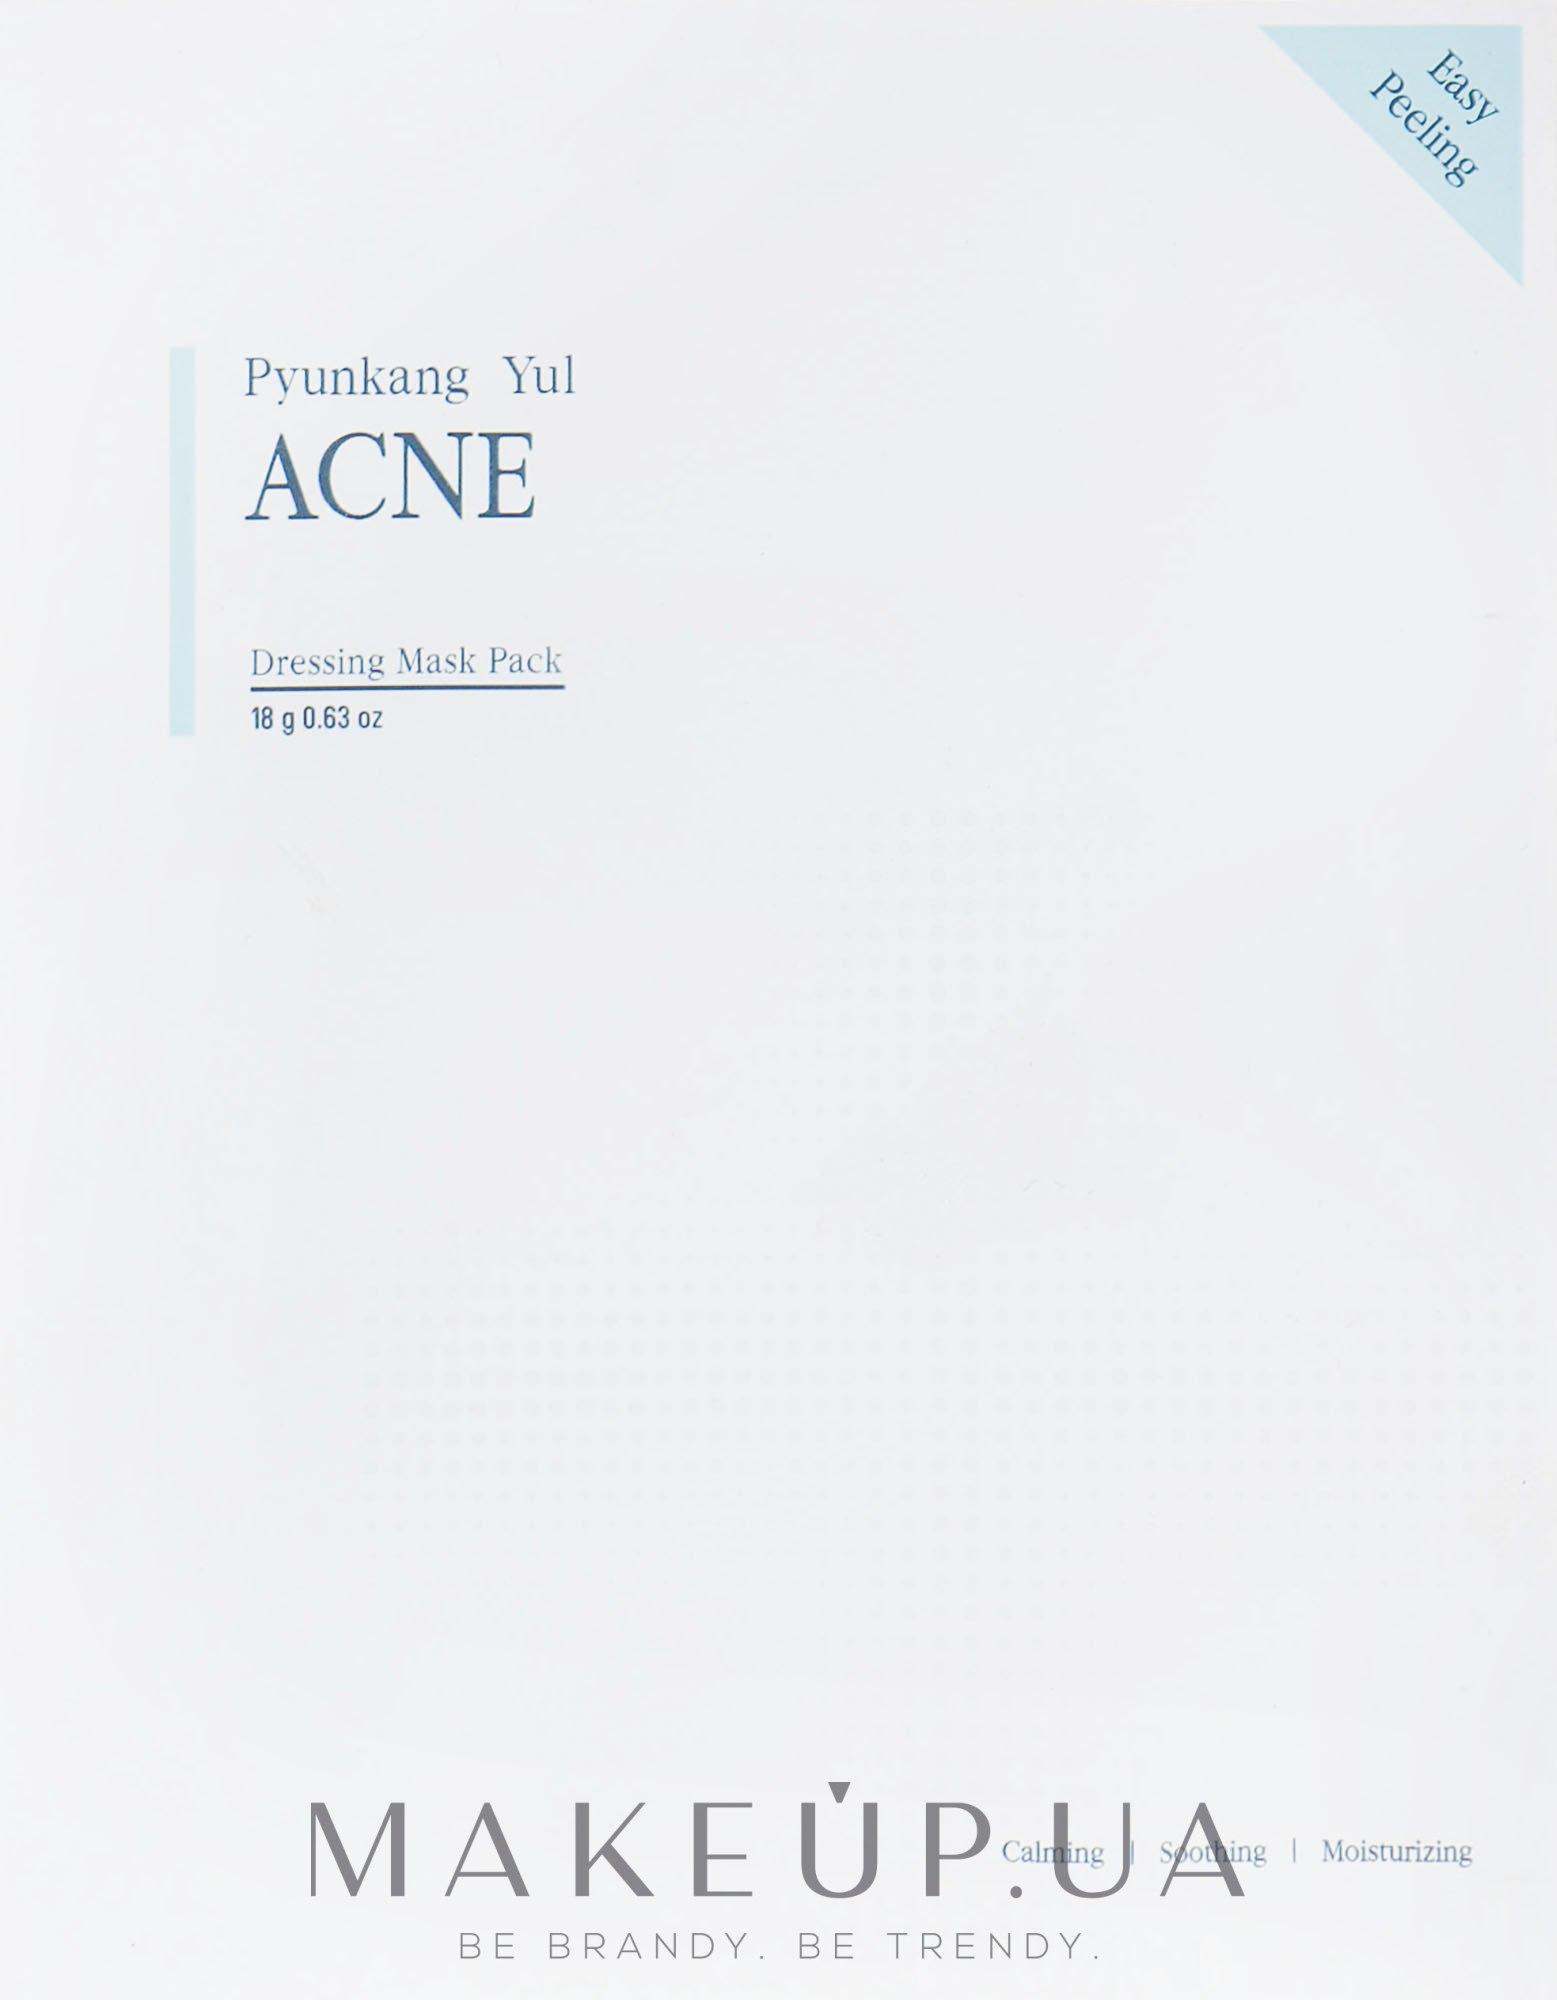 Маска профессиональная лечащая акне с экстрактом белой ивы - Pyunkang Yul Acne Dressing Mask Pack — фото 18g